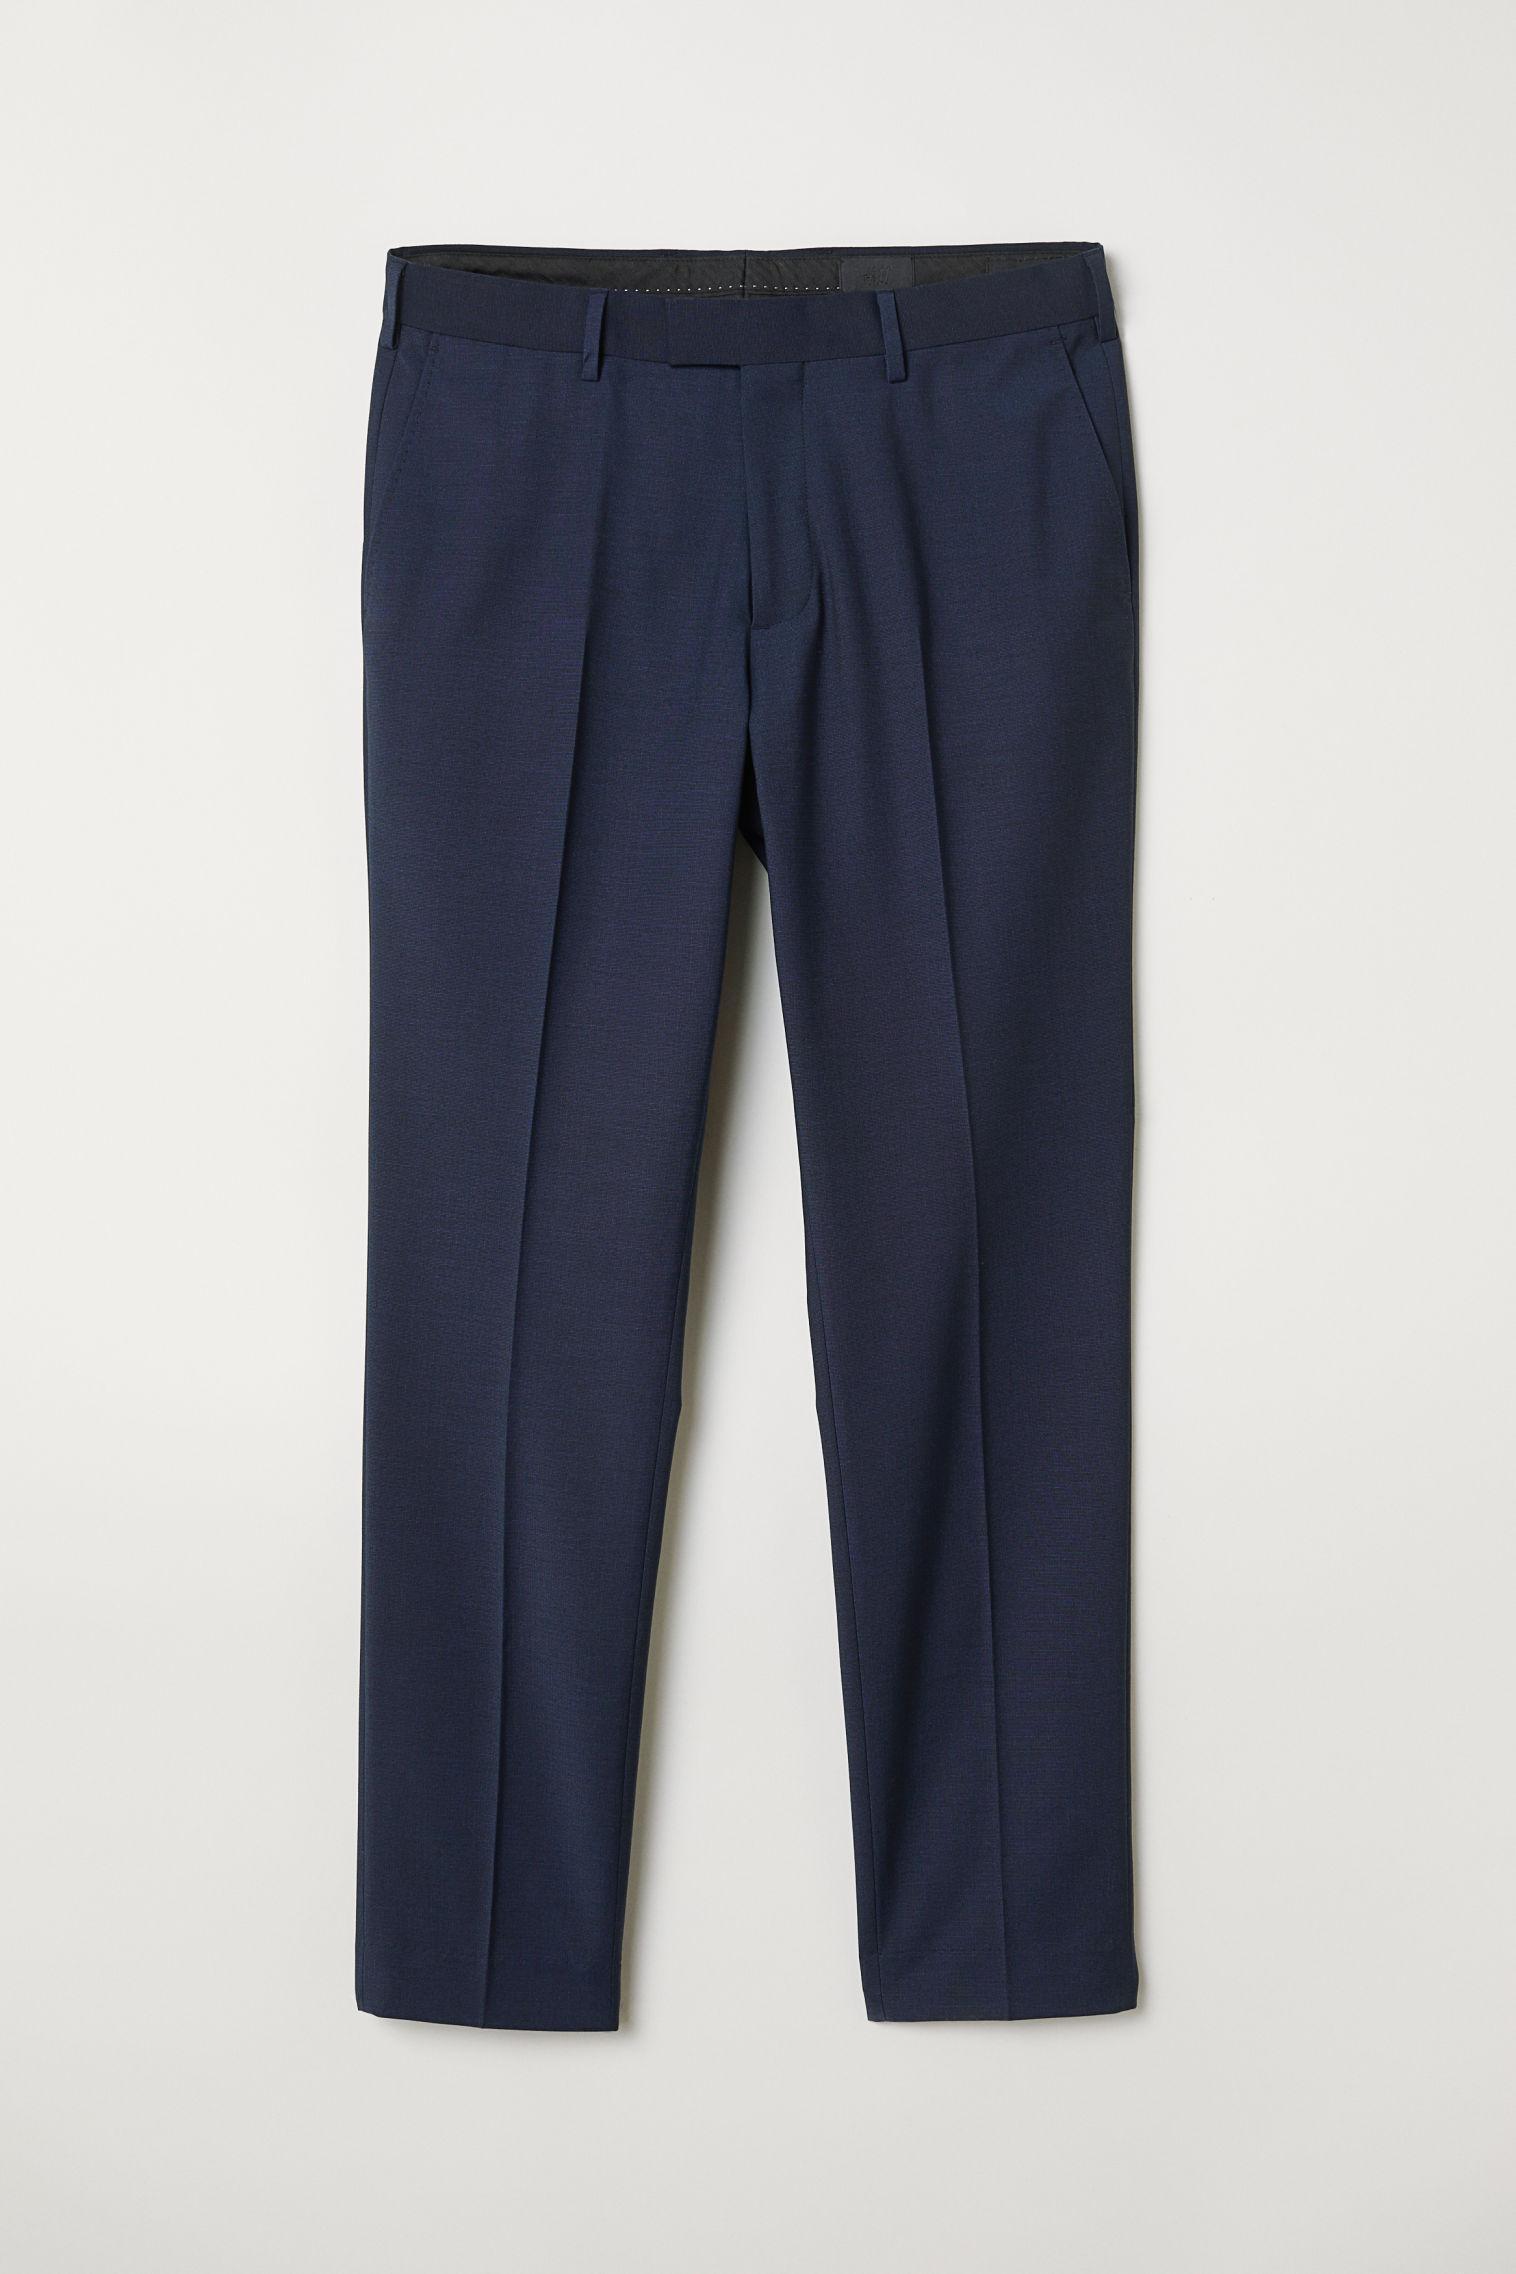 Отзыв на Брюки классические узкие джинсы Fit из Интернет-Магазина H&M